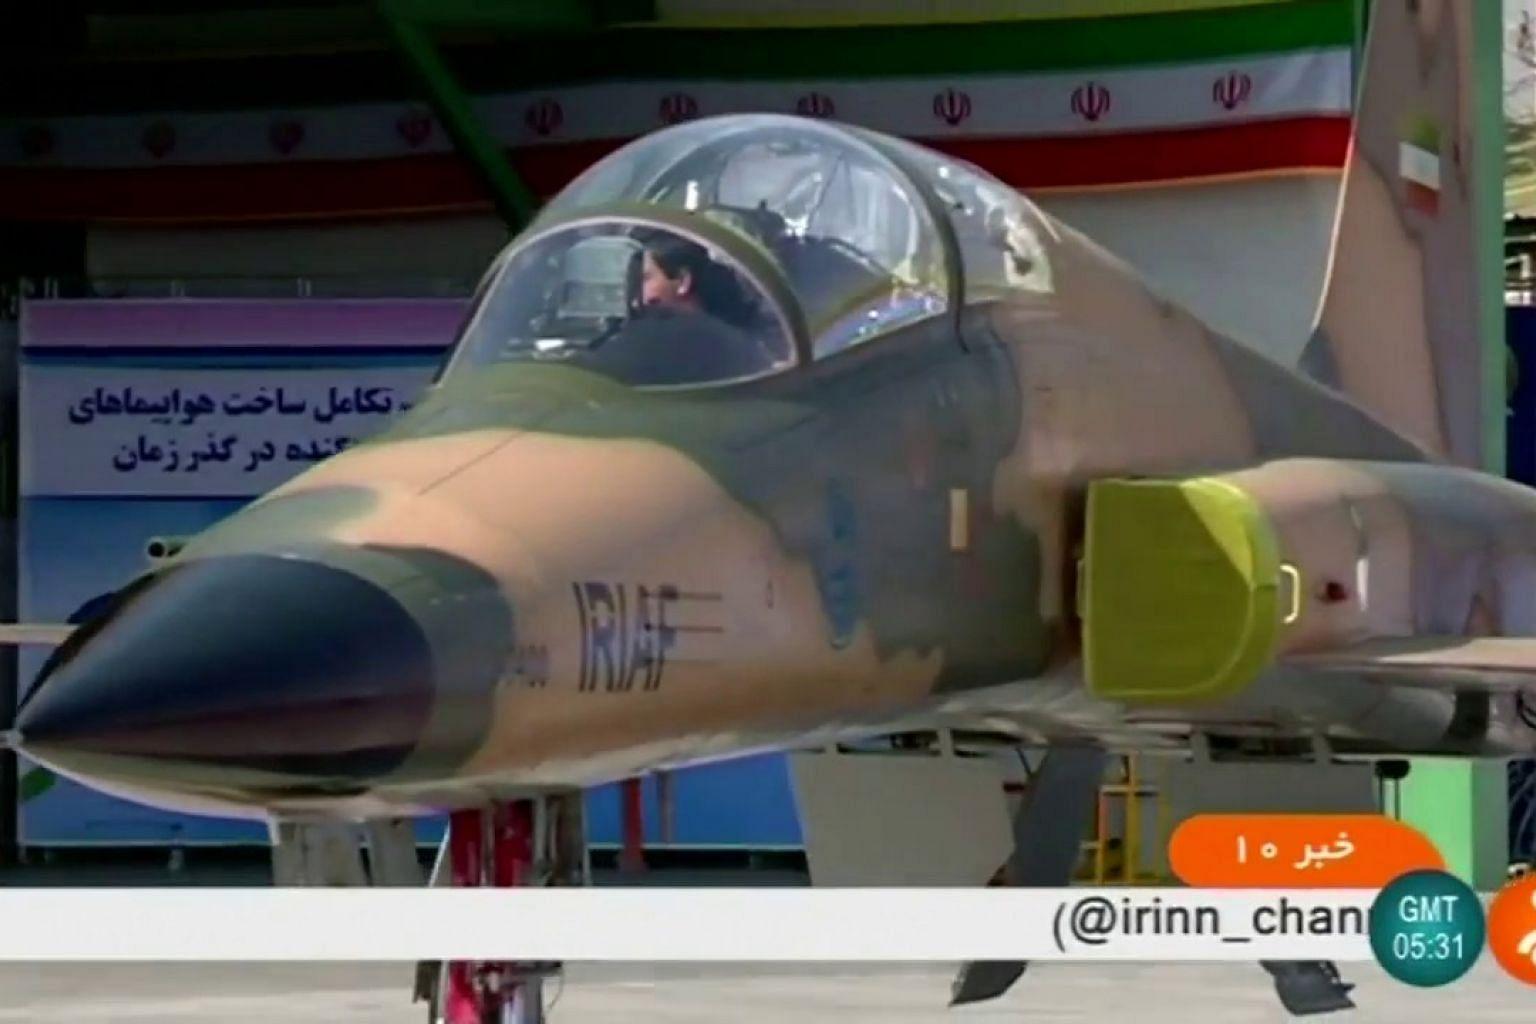 Eyeing US, Iran unveils new fighter jet